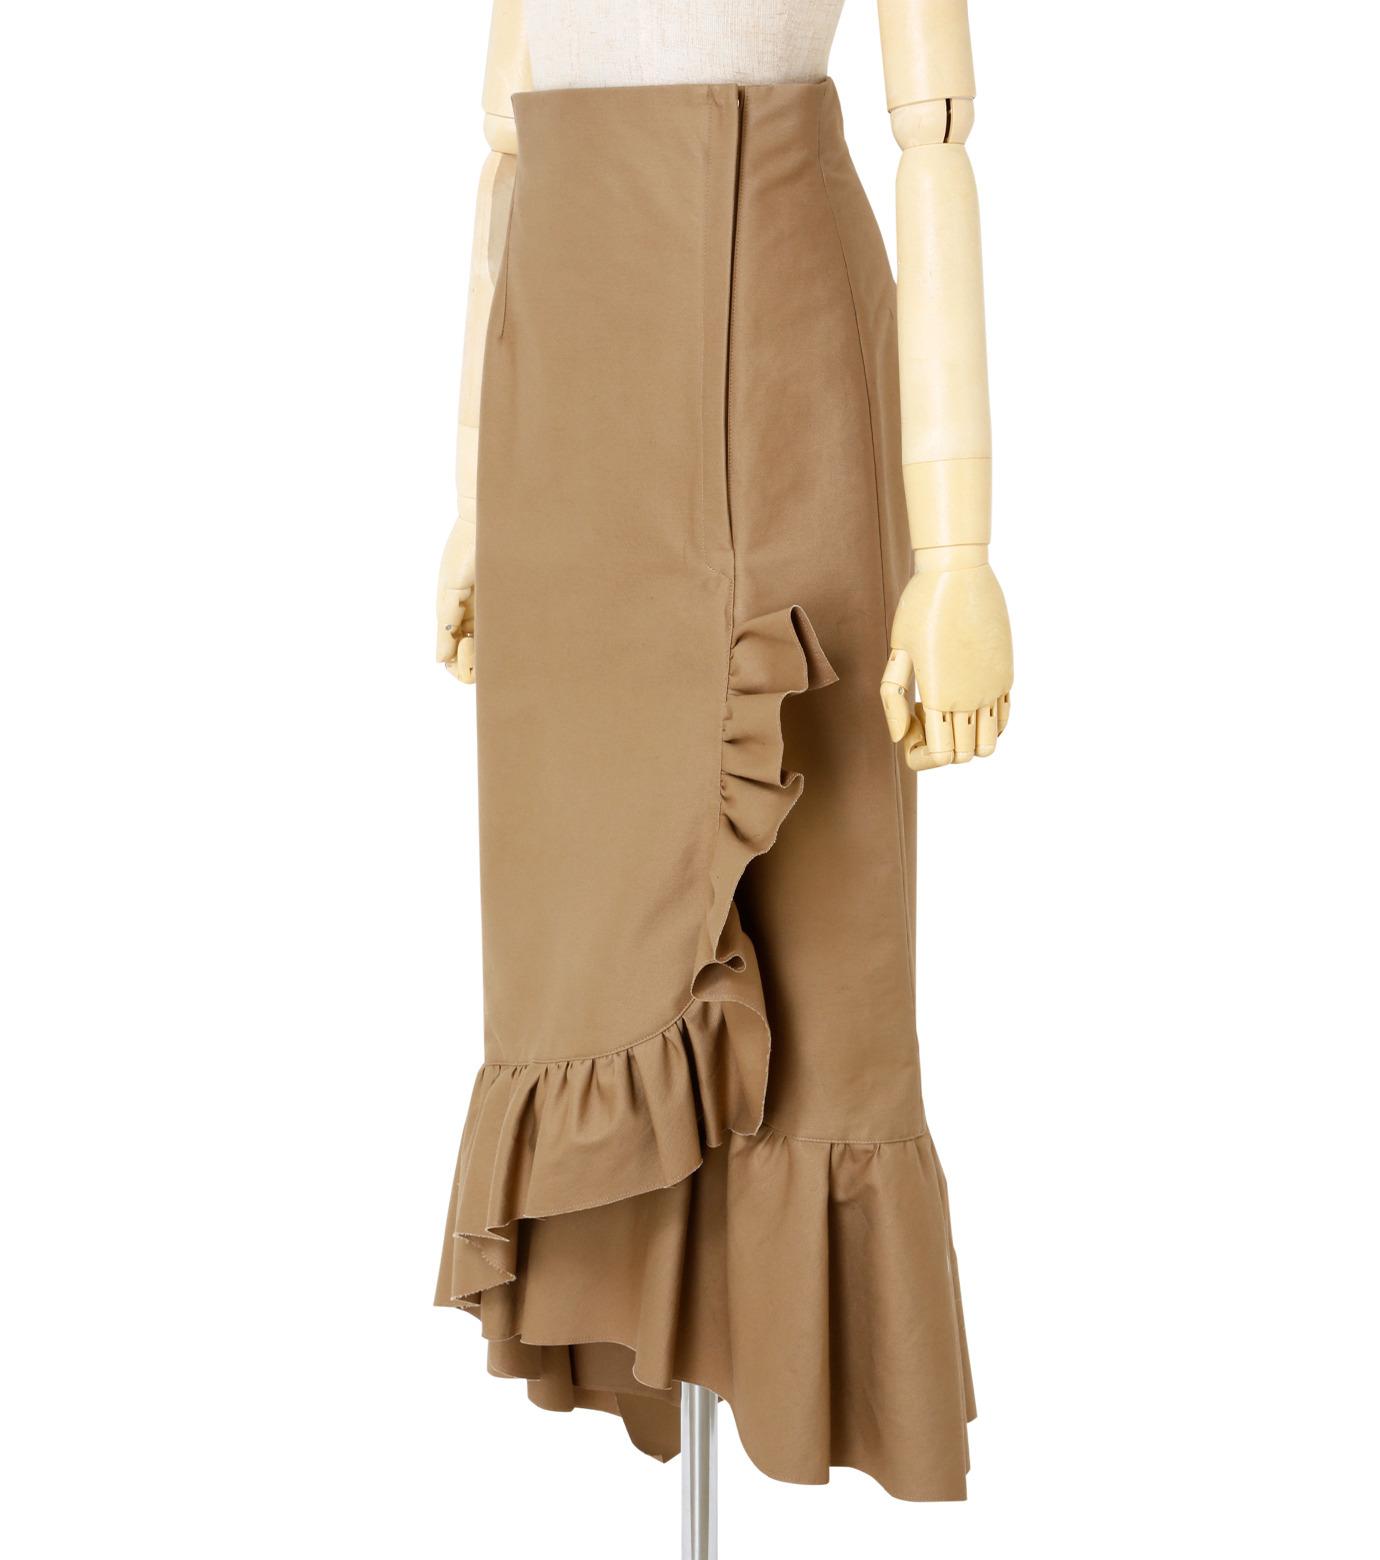 IRENE(アイレネ)のクリンクルフリルチノスカート-BEIGE(スカート/skirt)-19S87005 拡大詳細画像2